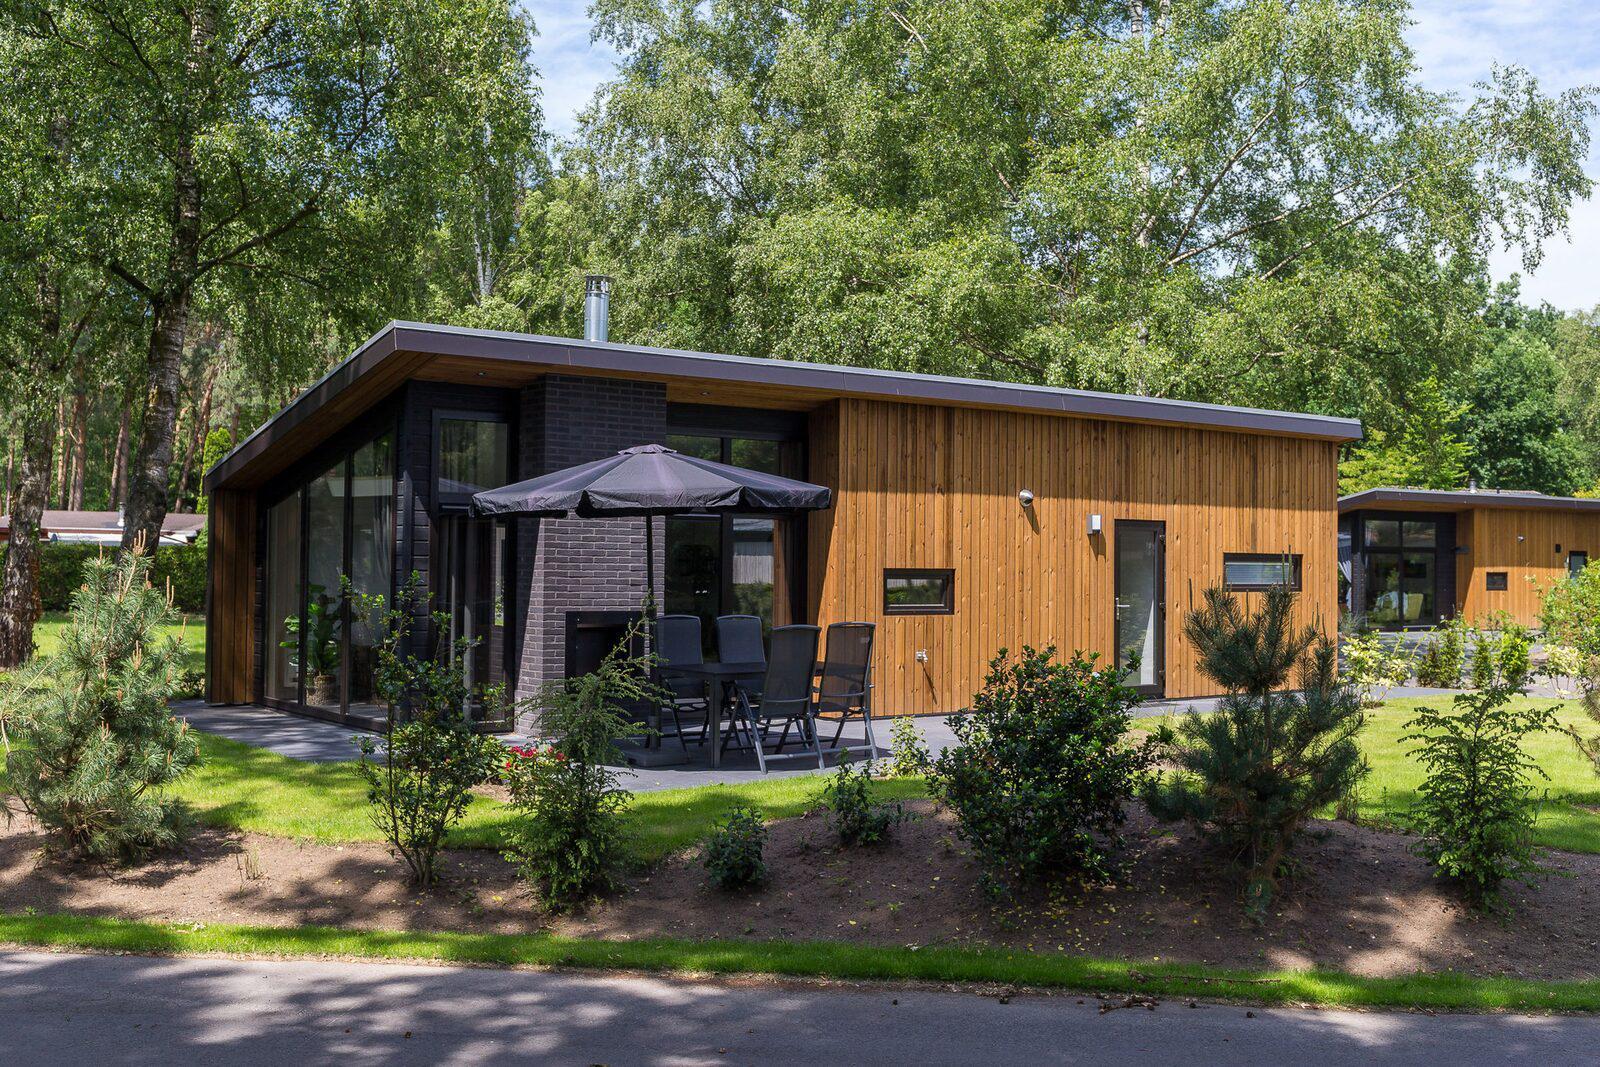 Bos Lodge 55 Eco 4 personen